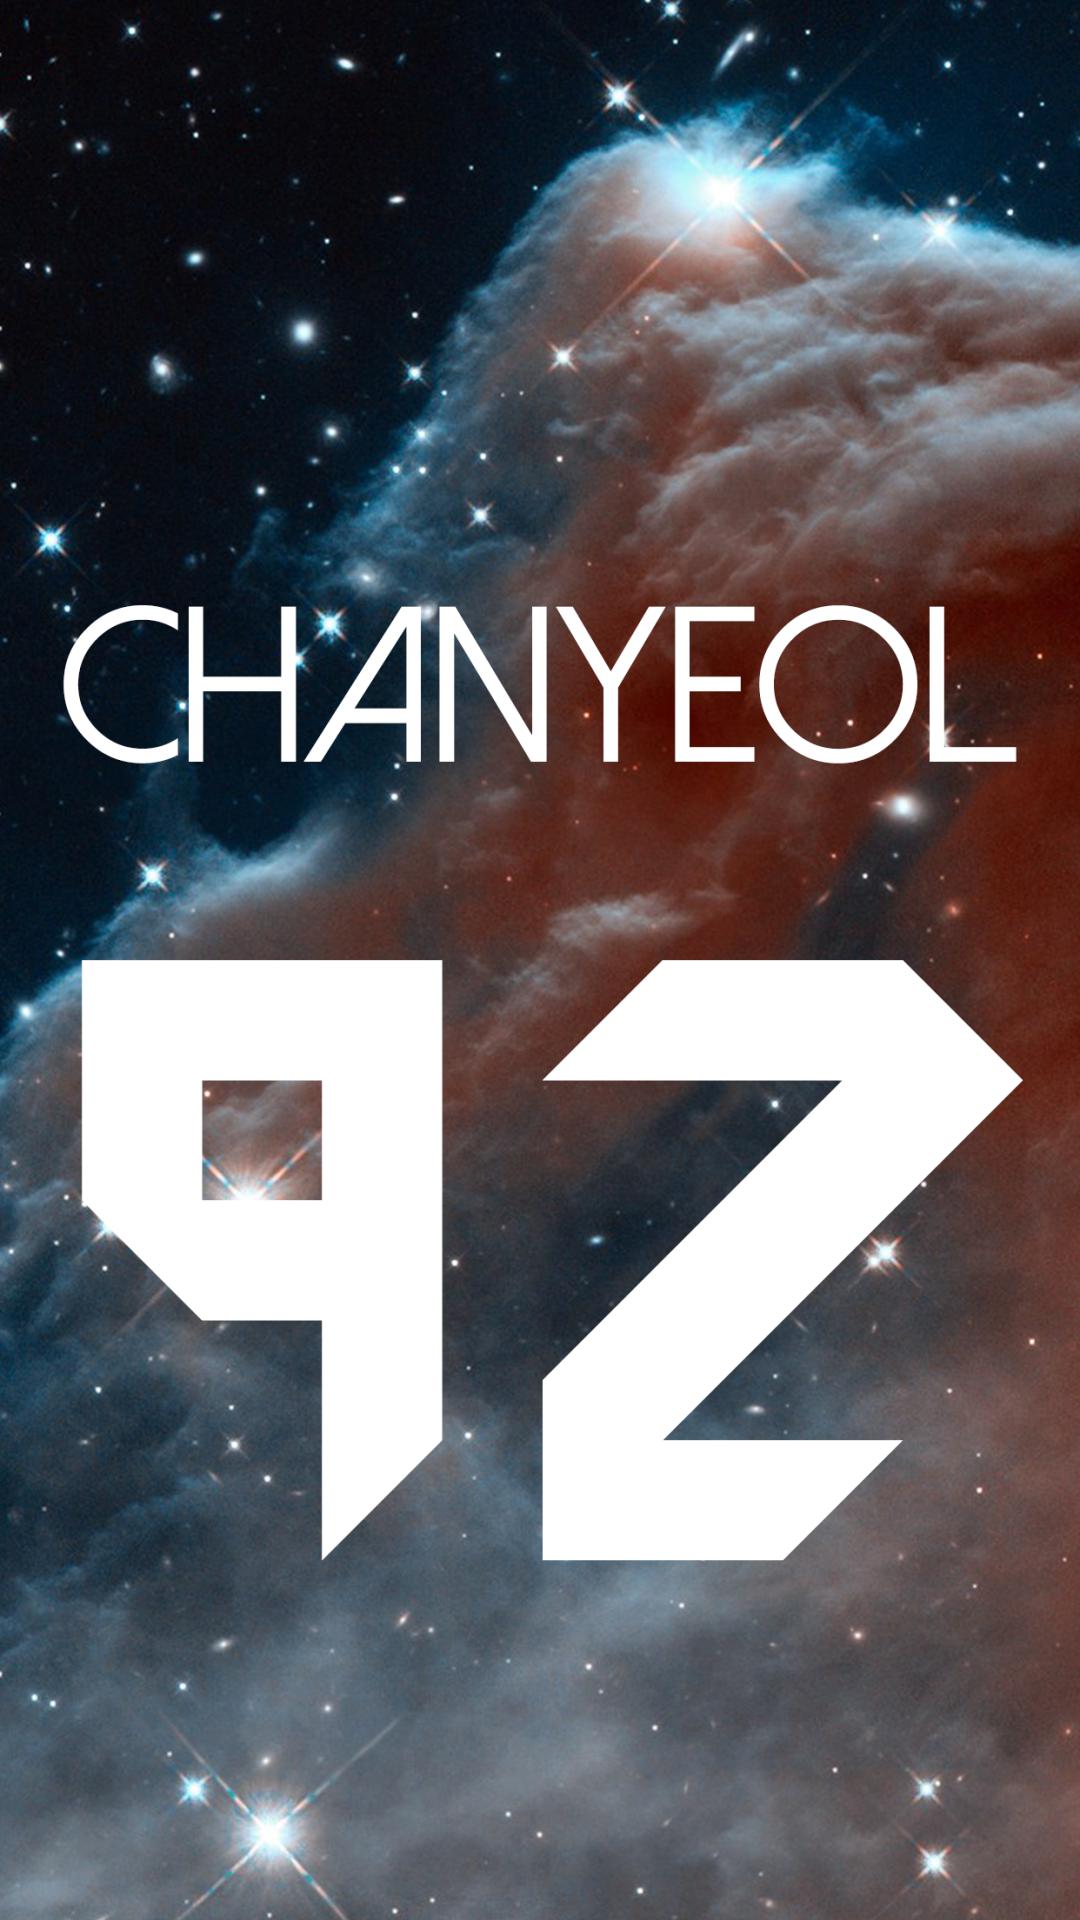 EXO Chanyeol wallpaper for phone Exo, Chanyeol, Kpop exo